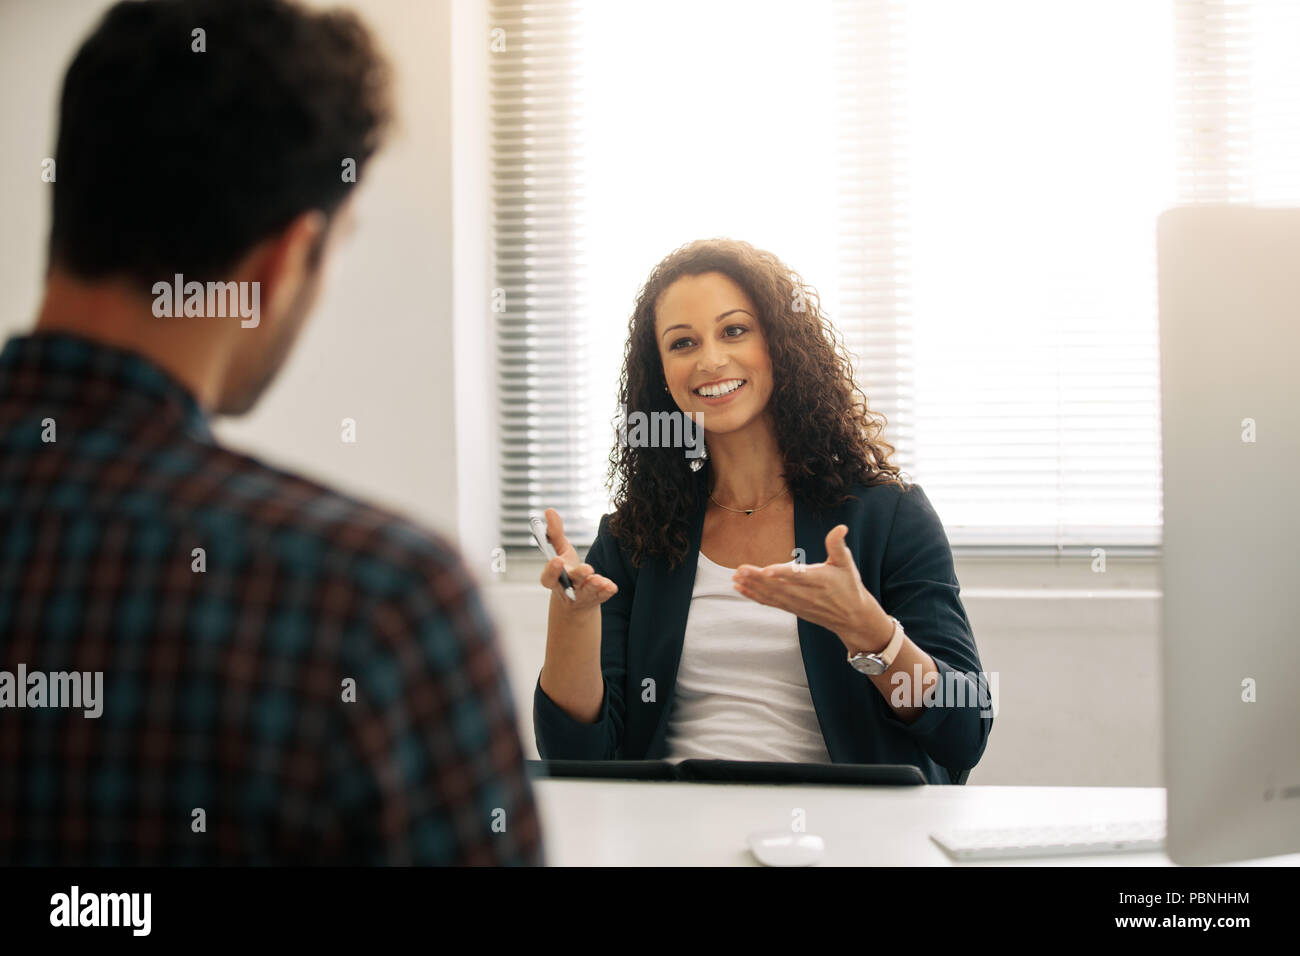 Empresaria discutir ideas de negocios con un socio de negocios en la oficina. Empresaria en una reunión con un empresario en su escritorio en la oficina. Imagen De Stock